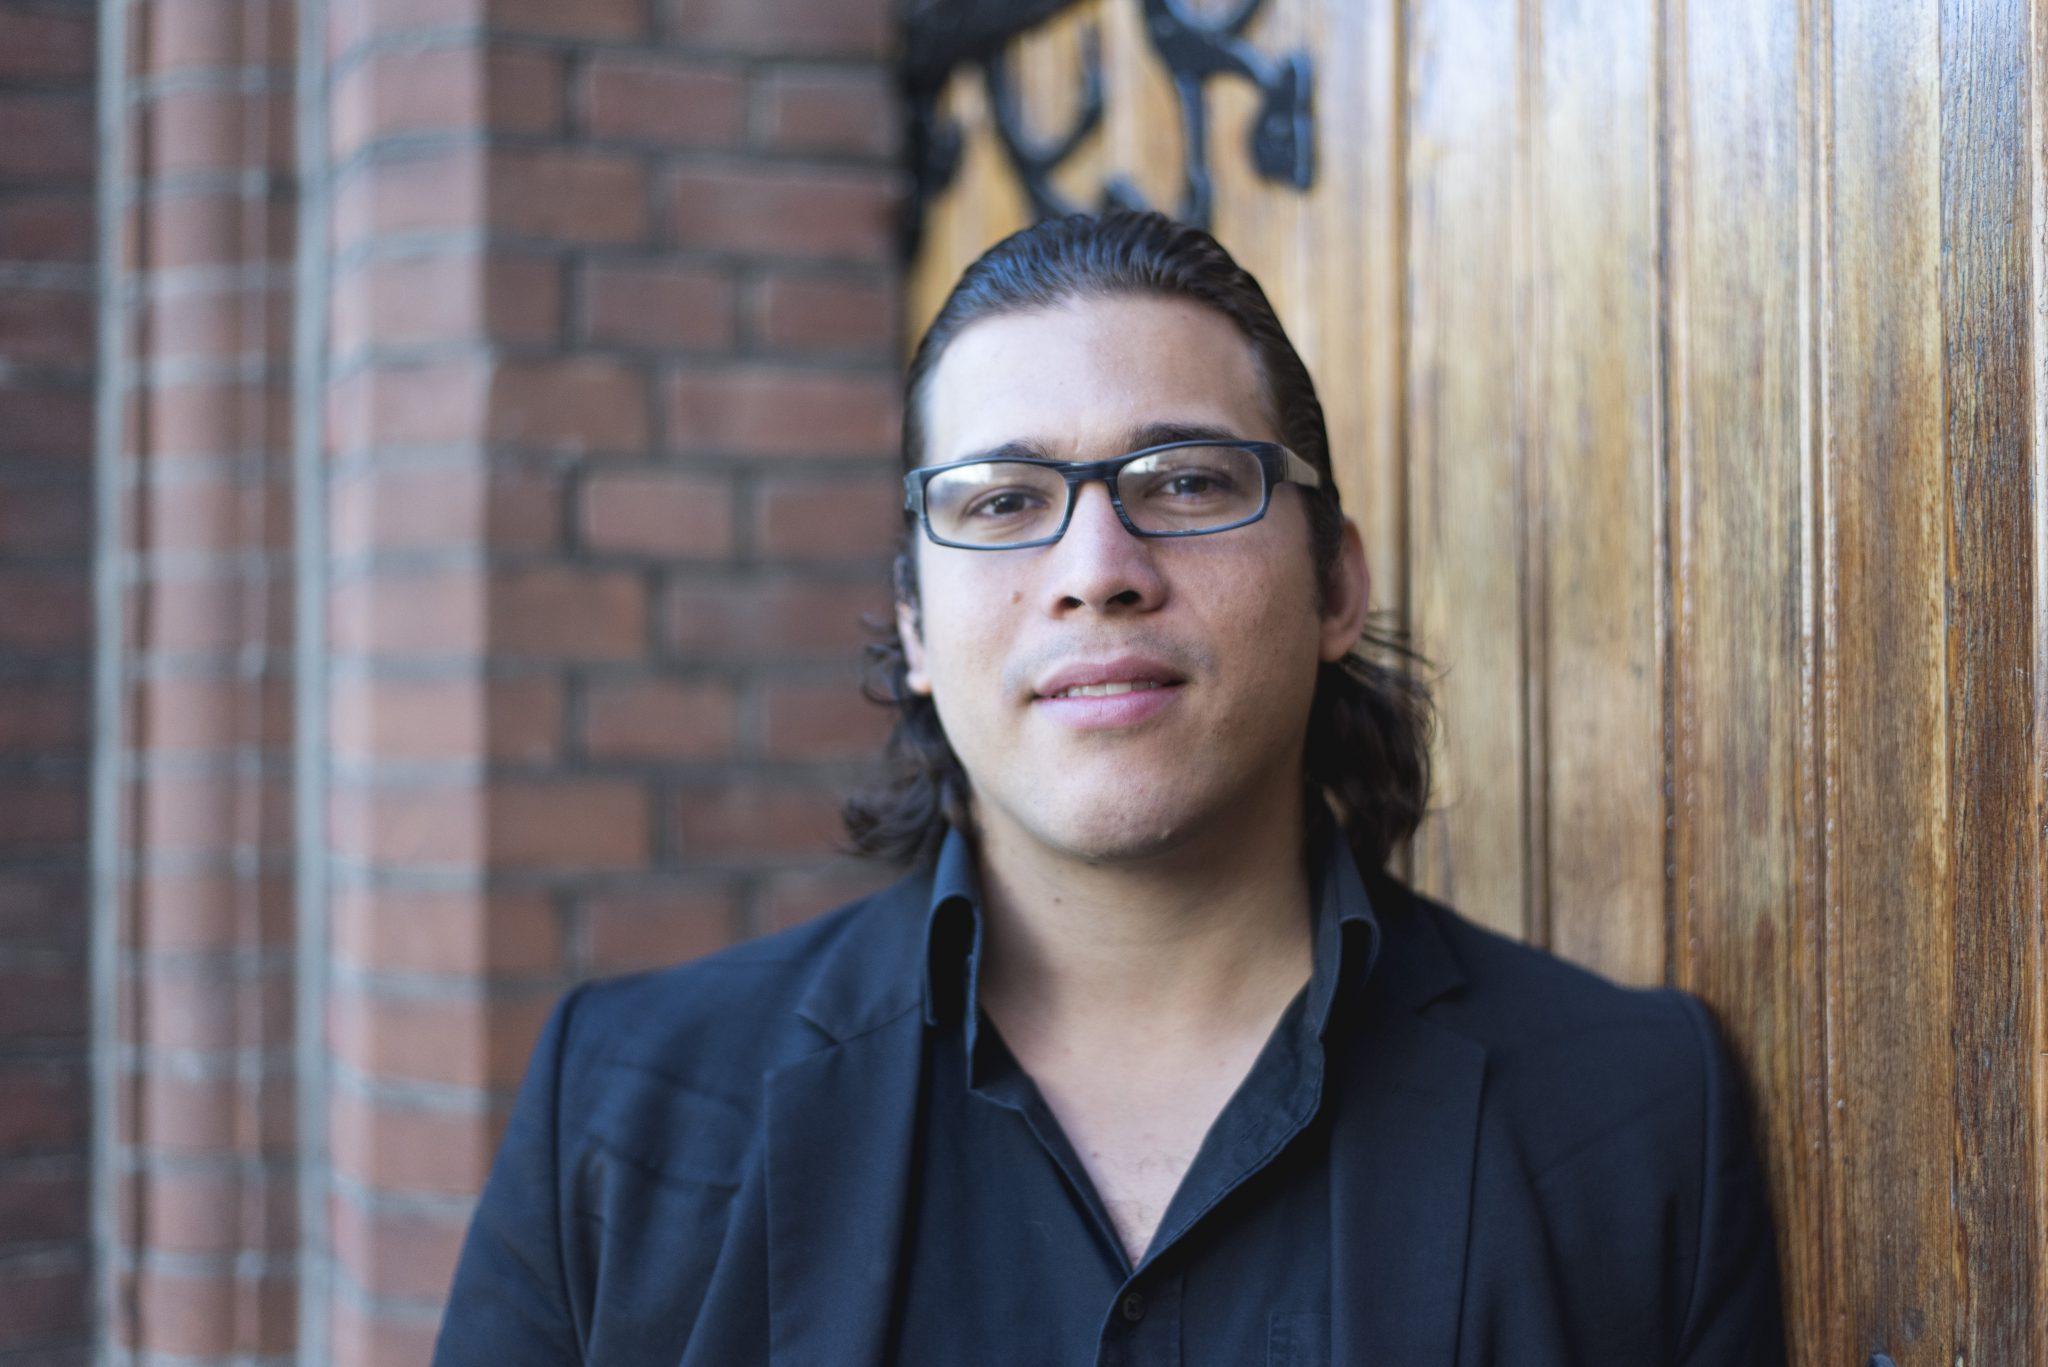 Xavier Geerman